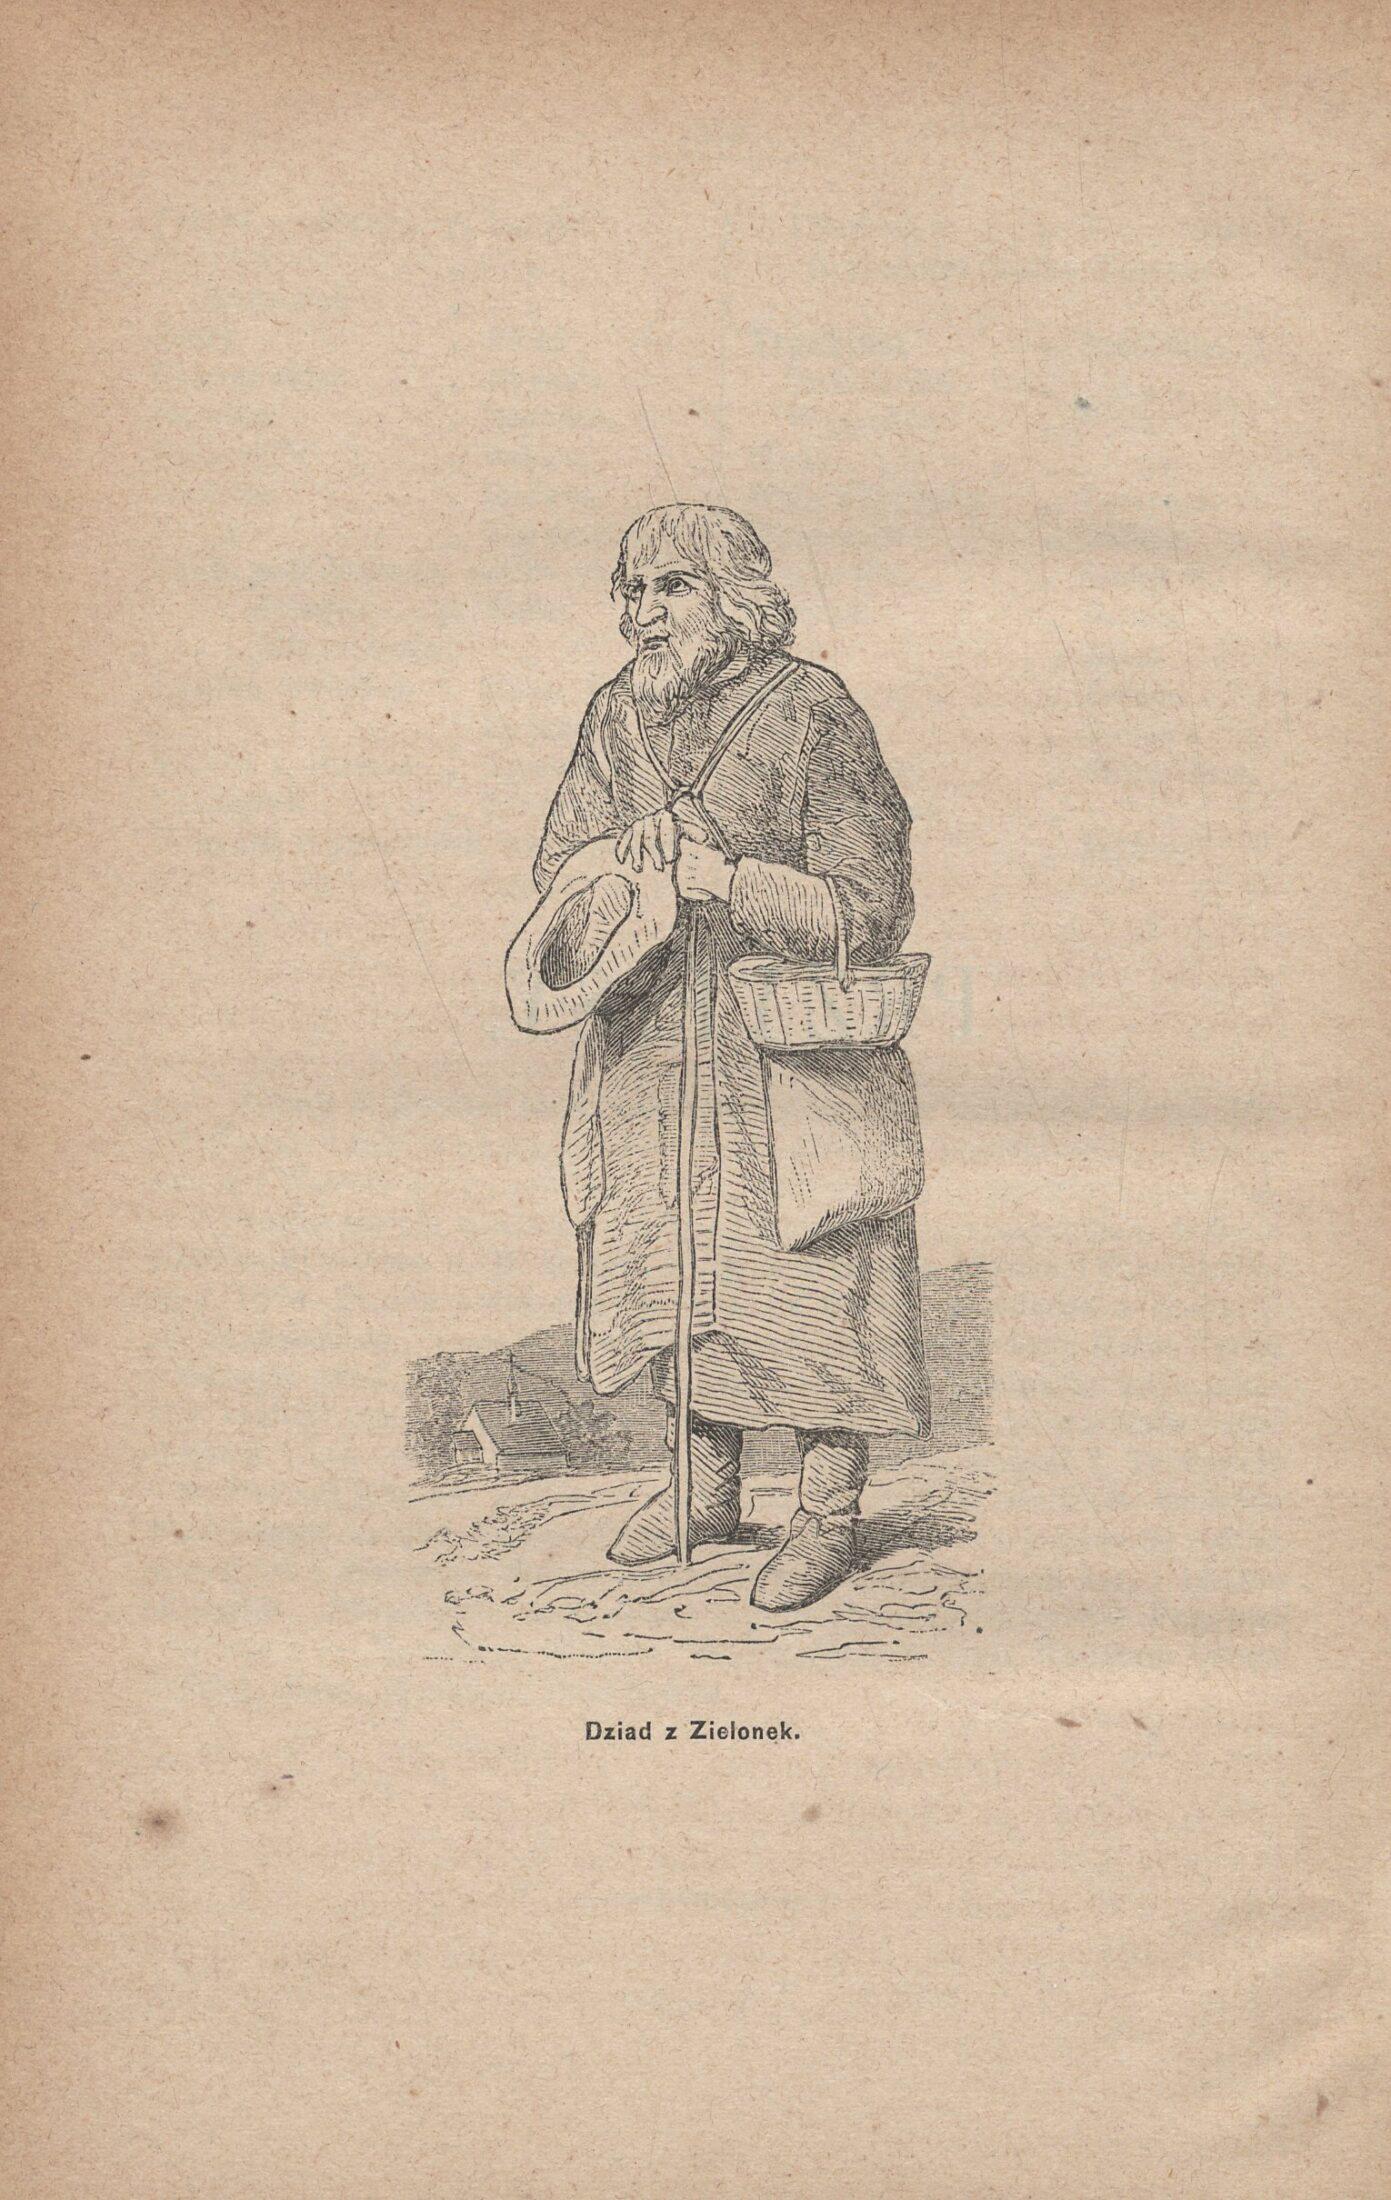 ilustracja - Dziad z Zielonek